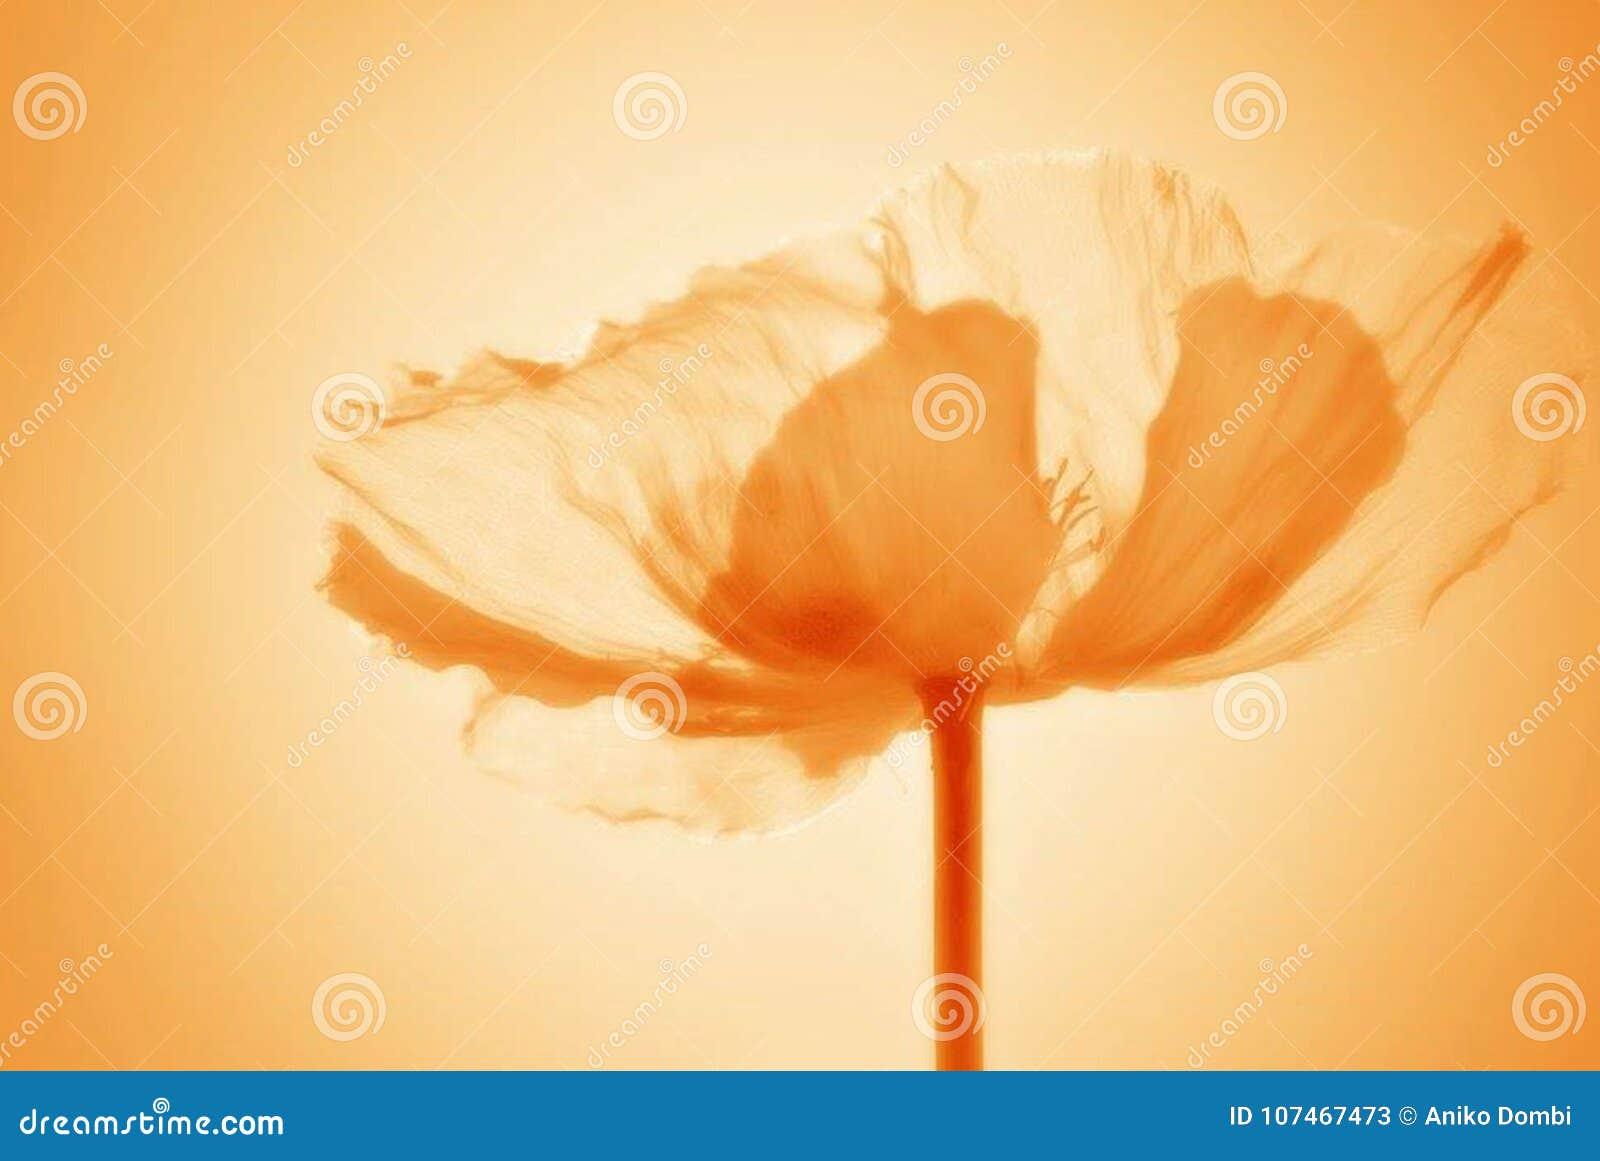 Fiore del papavero con il filtro arancio